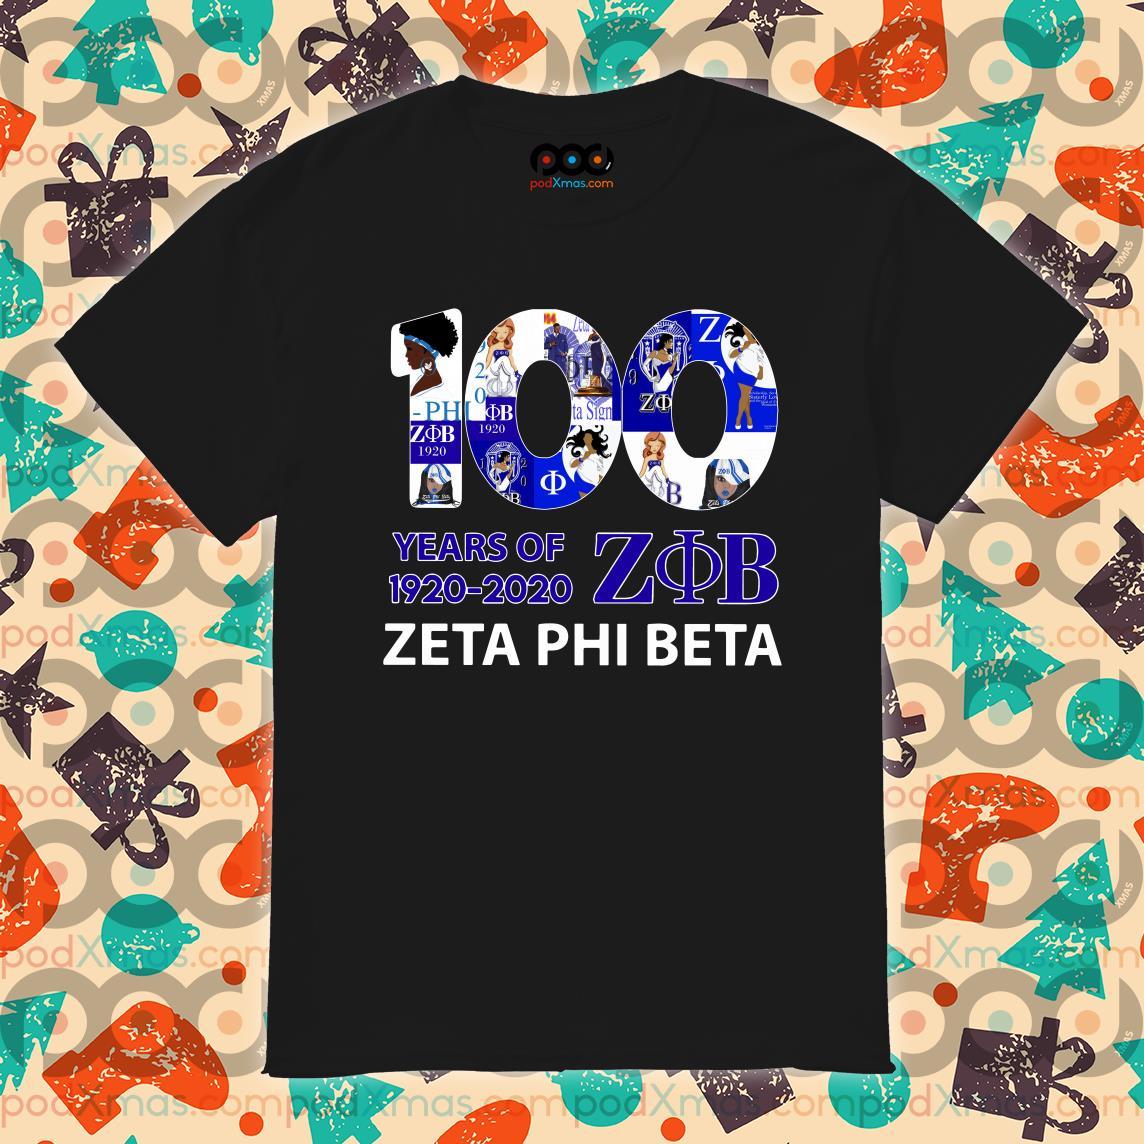 100 years of ZOB Zeta Phi Beta 1920 2020 shirt